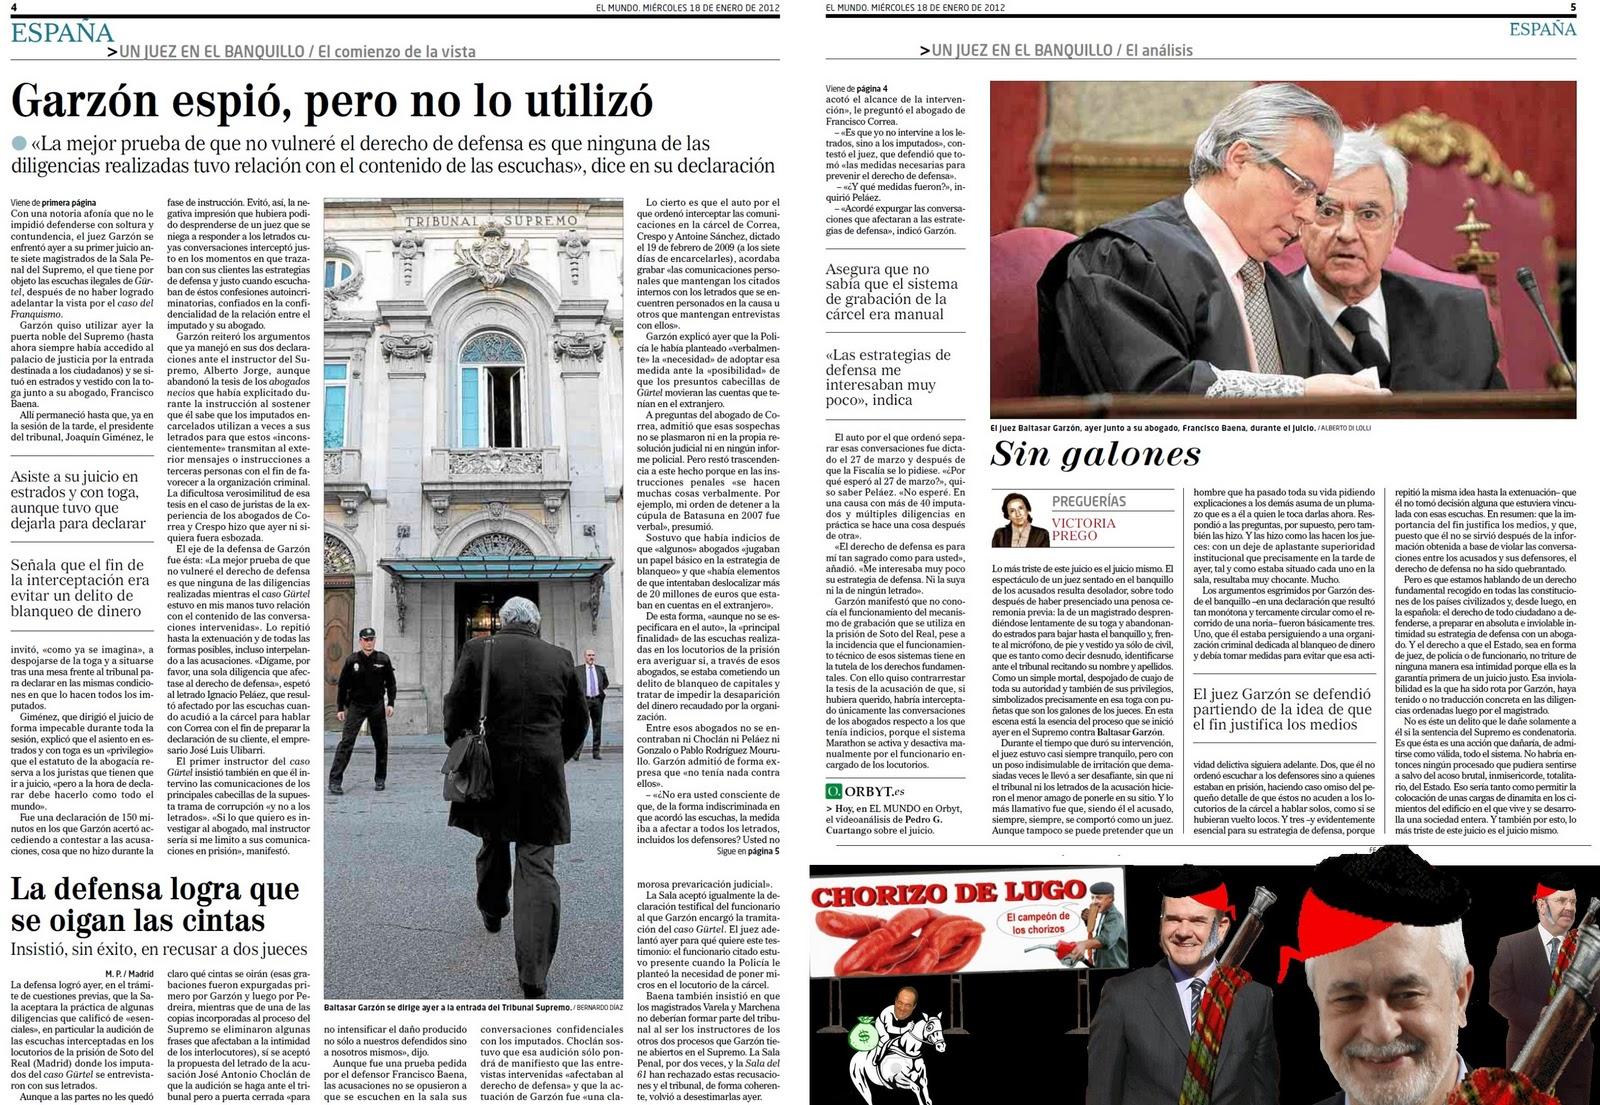 Baltasar Garzón, un ex juez irrespetuoso con la Ley y que considera que el fin justifica los medios